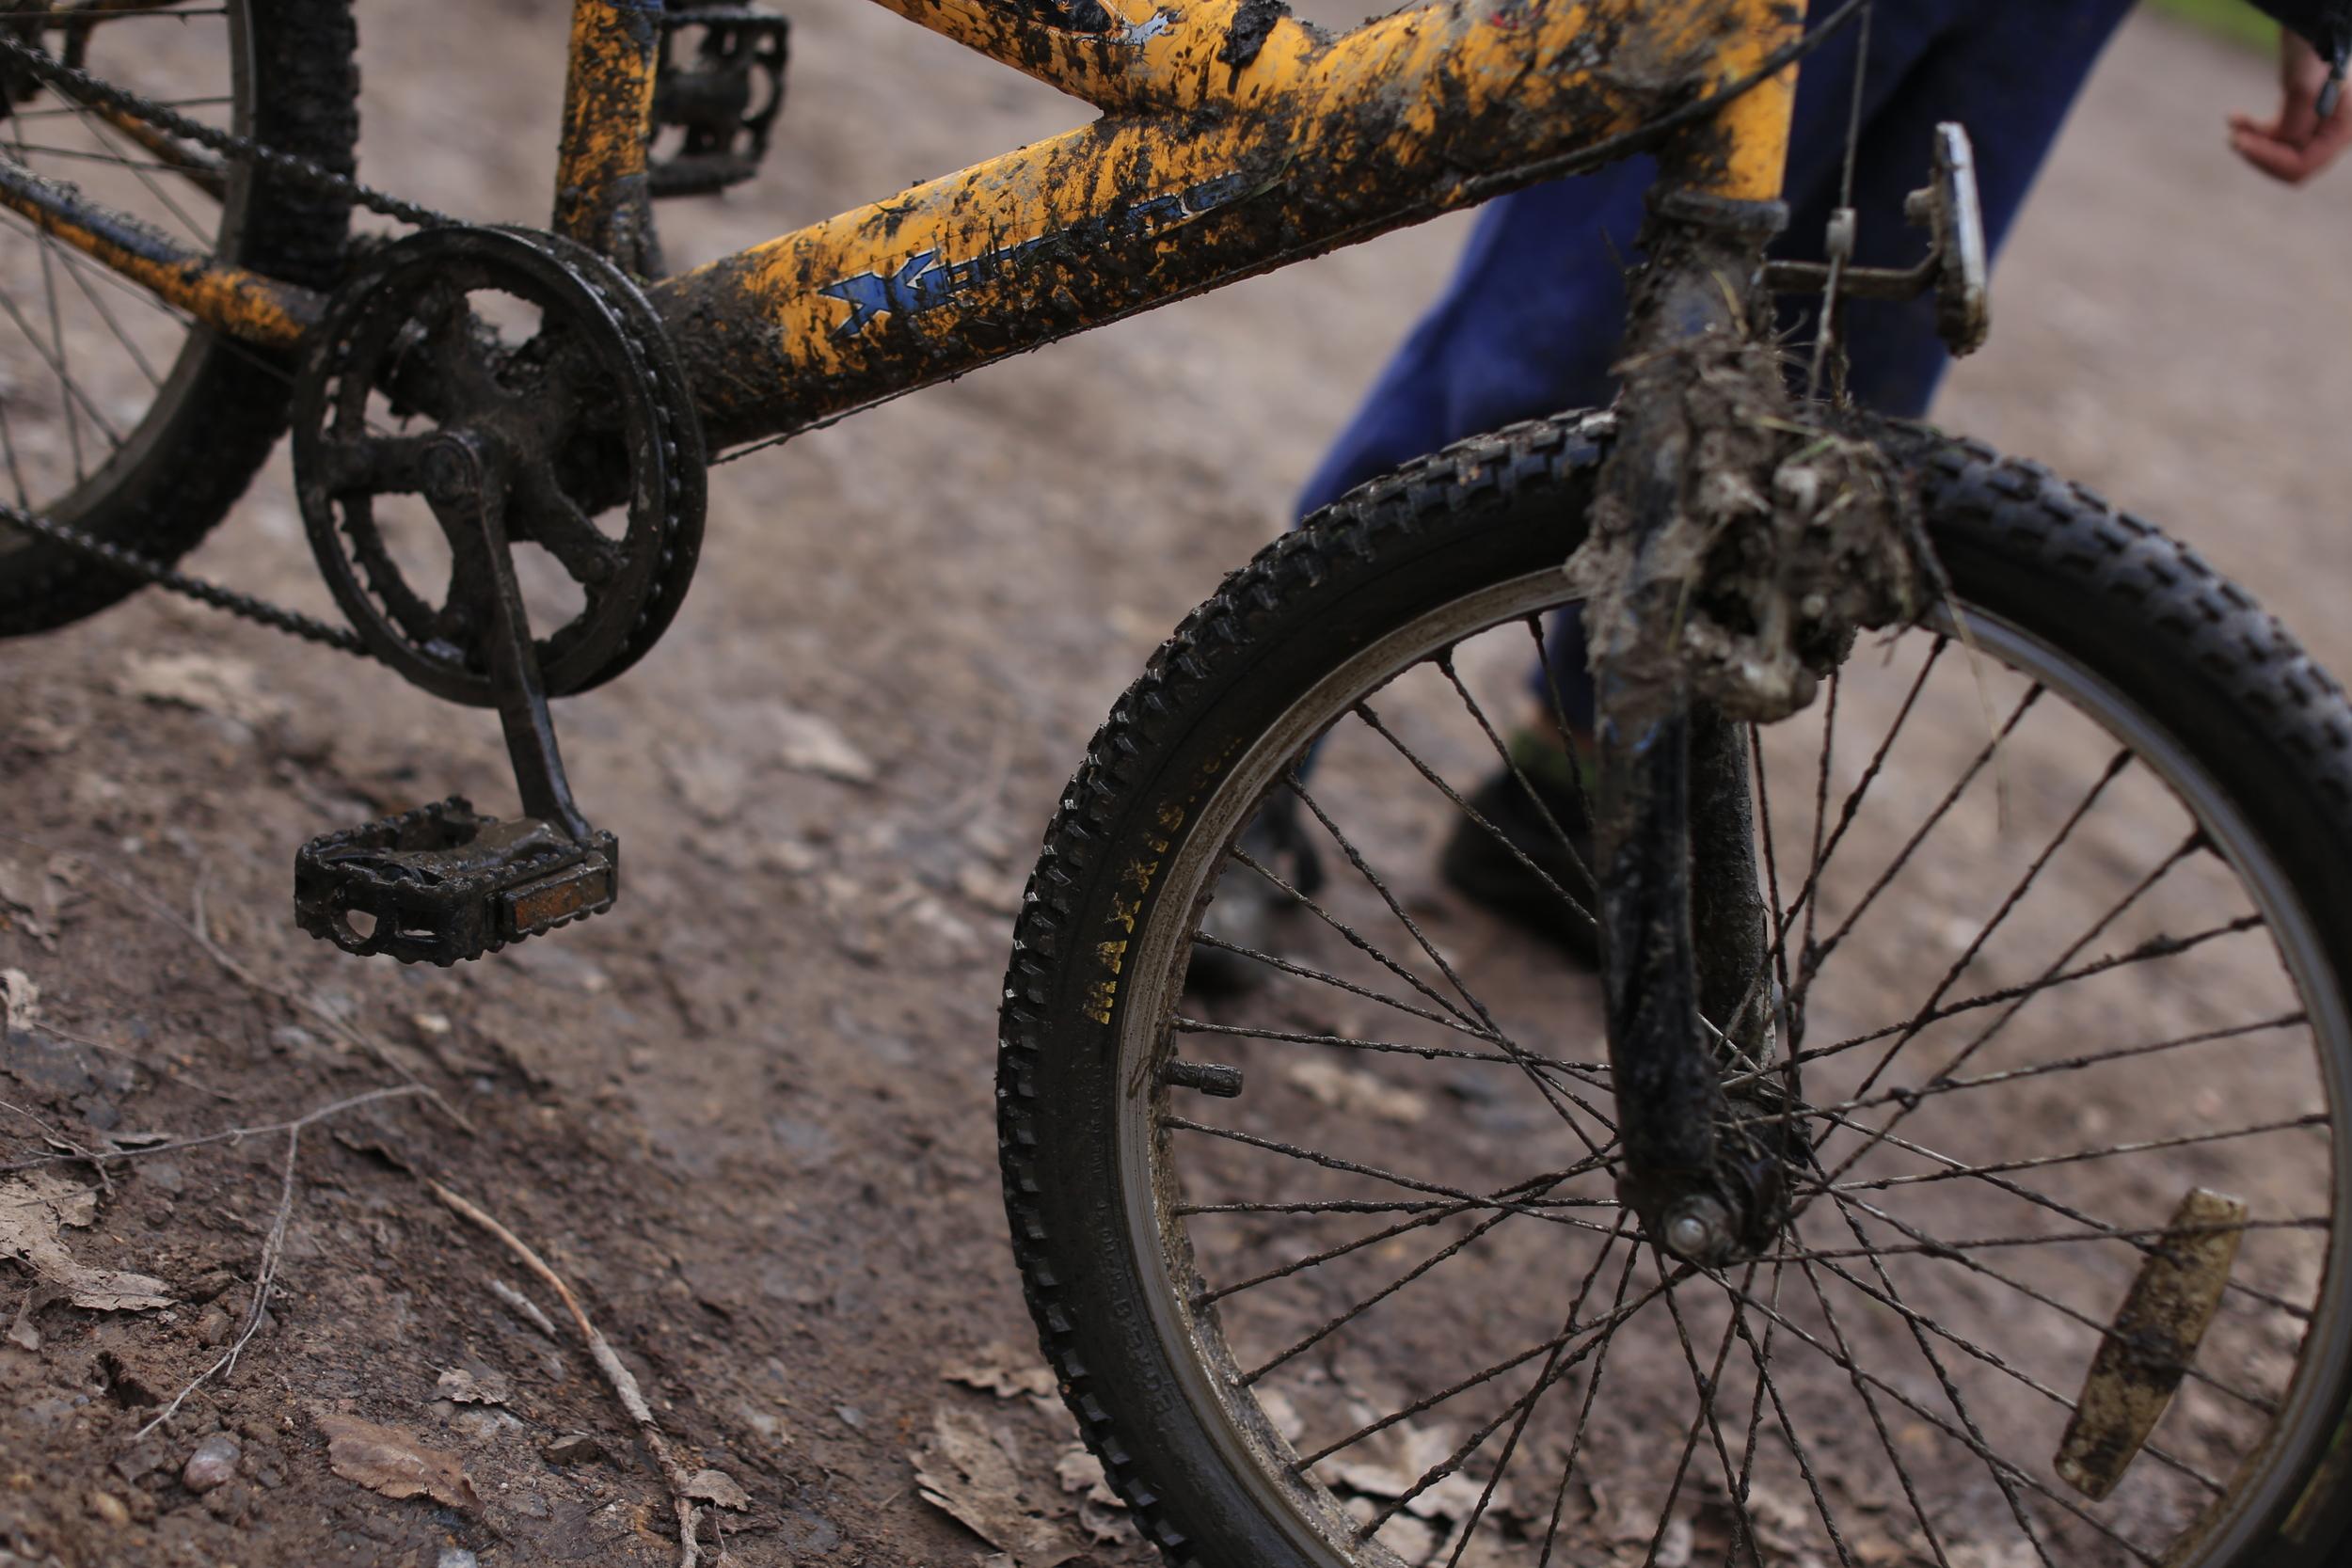 maxxis, woods, mountain biking, mtb, wheels, gears, biking, cycling